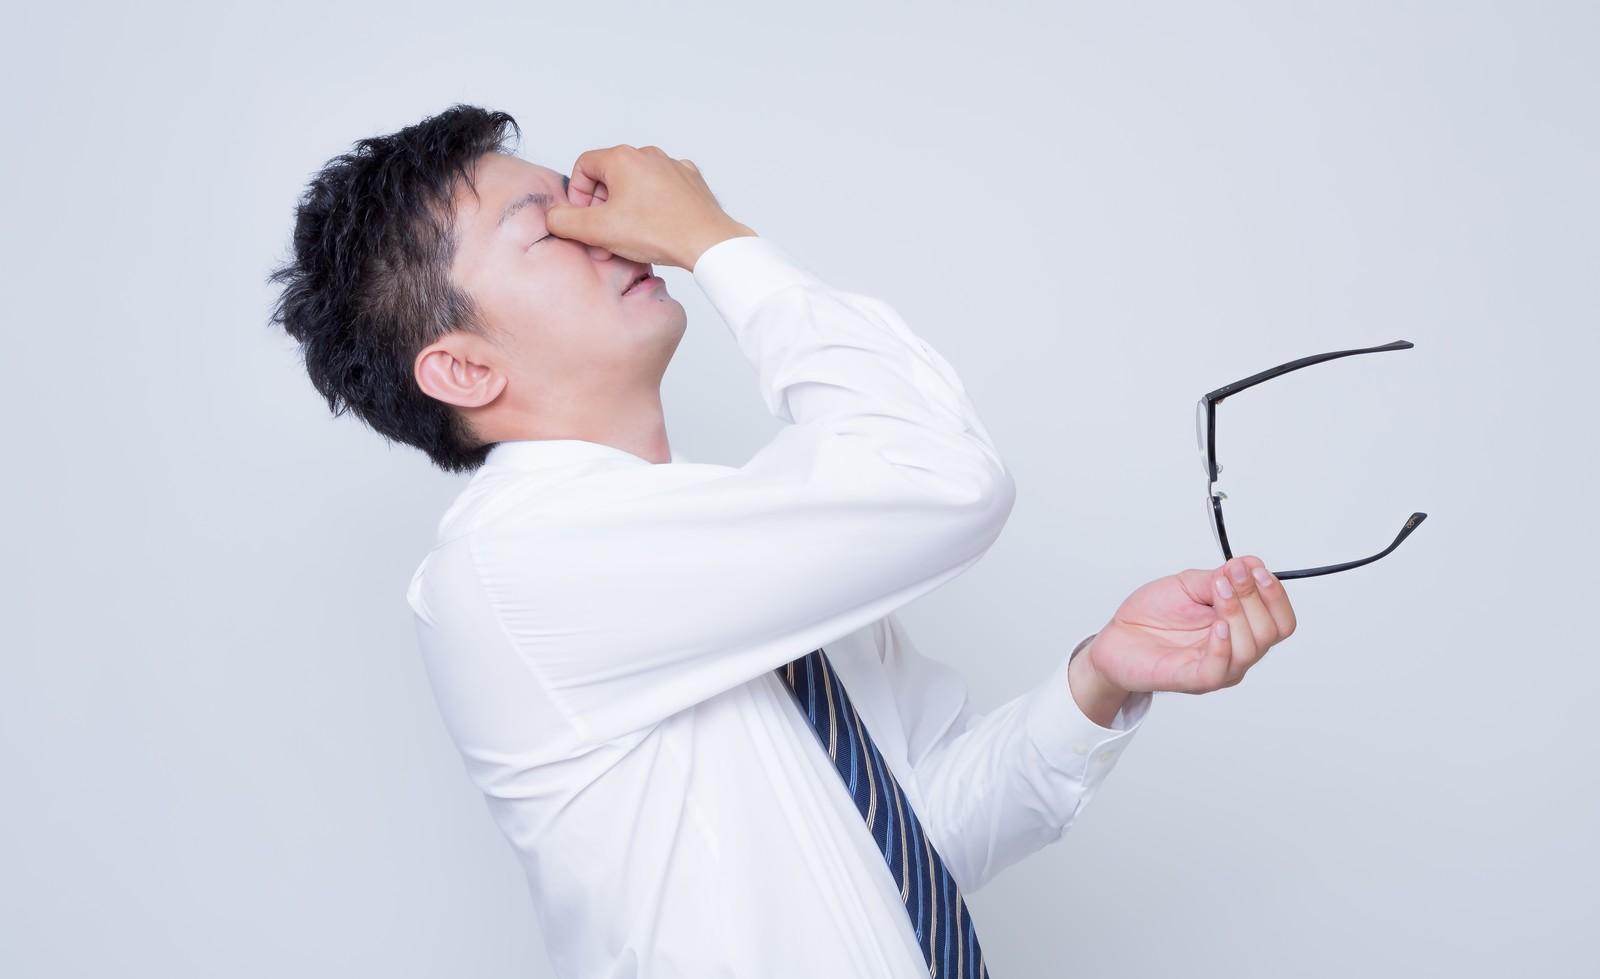 韓国語で「お疲れ様」を伝えるオススメ表現&フレーズ